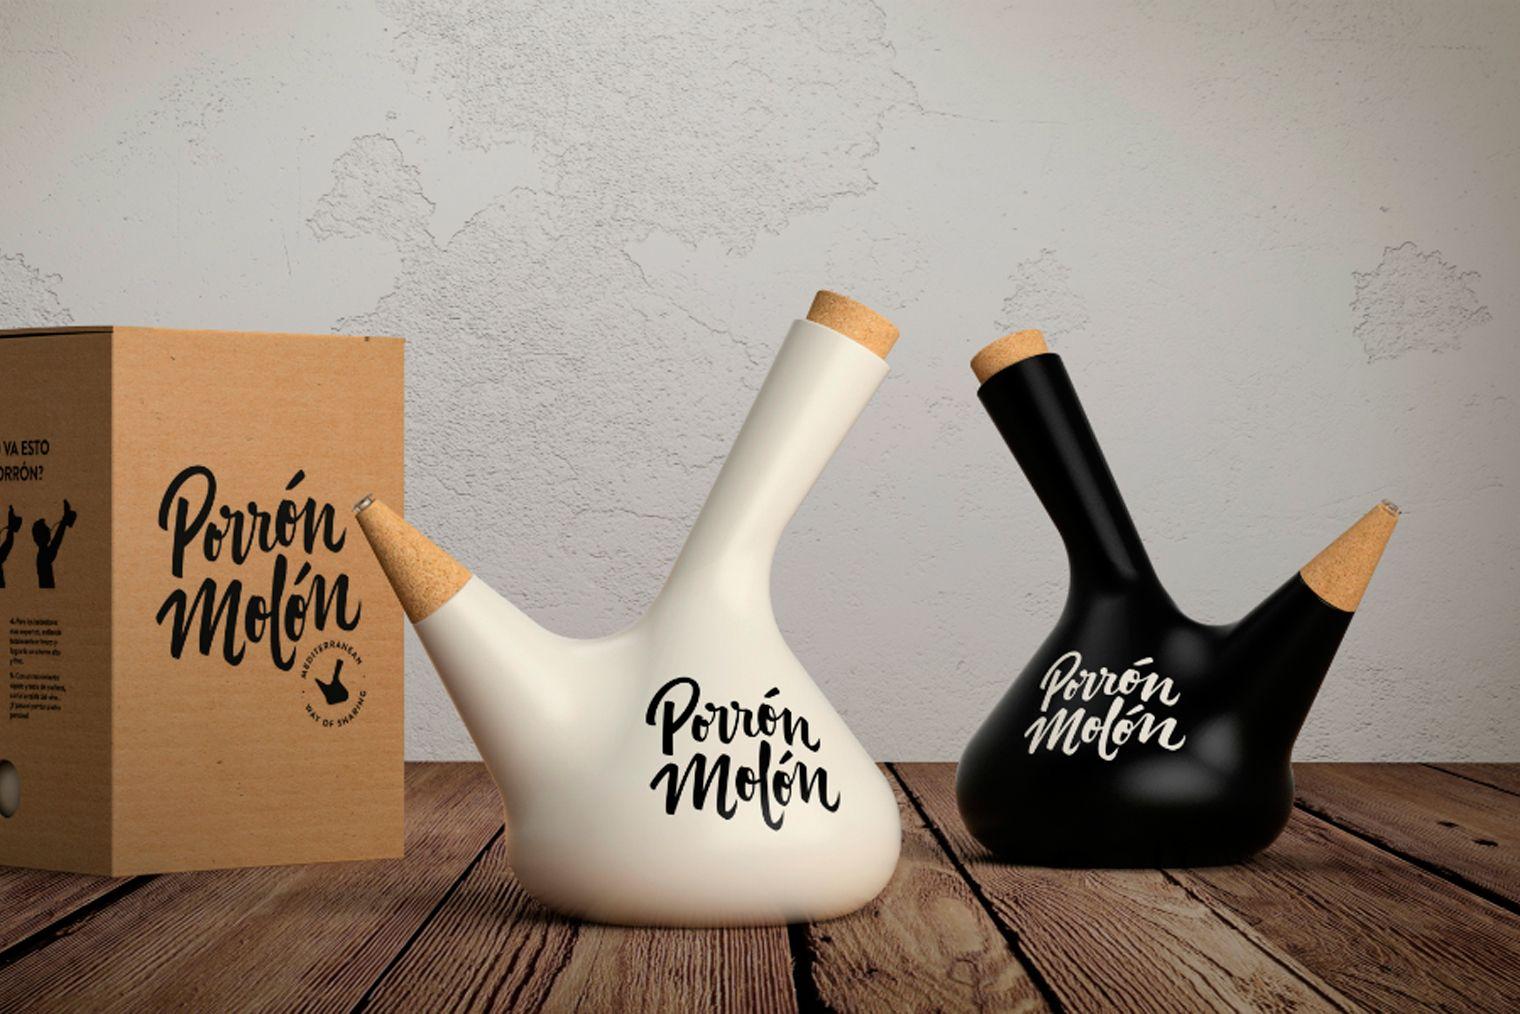 Barcelona Brands acaba de lanzar en Alimentaria su Porrón Molón, una familia de cinco vinos que reivindica la recuperación de las costumbres más viejunas, por medio deuno de los objetos más emblemáticos de nuestra cultura gastronómica: el porrón. Dispuestos a sumarse a la moda neobodeguera de los vinos y vermuts de diseño, la nueva firma …